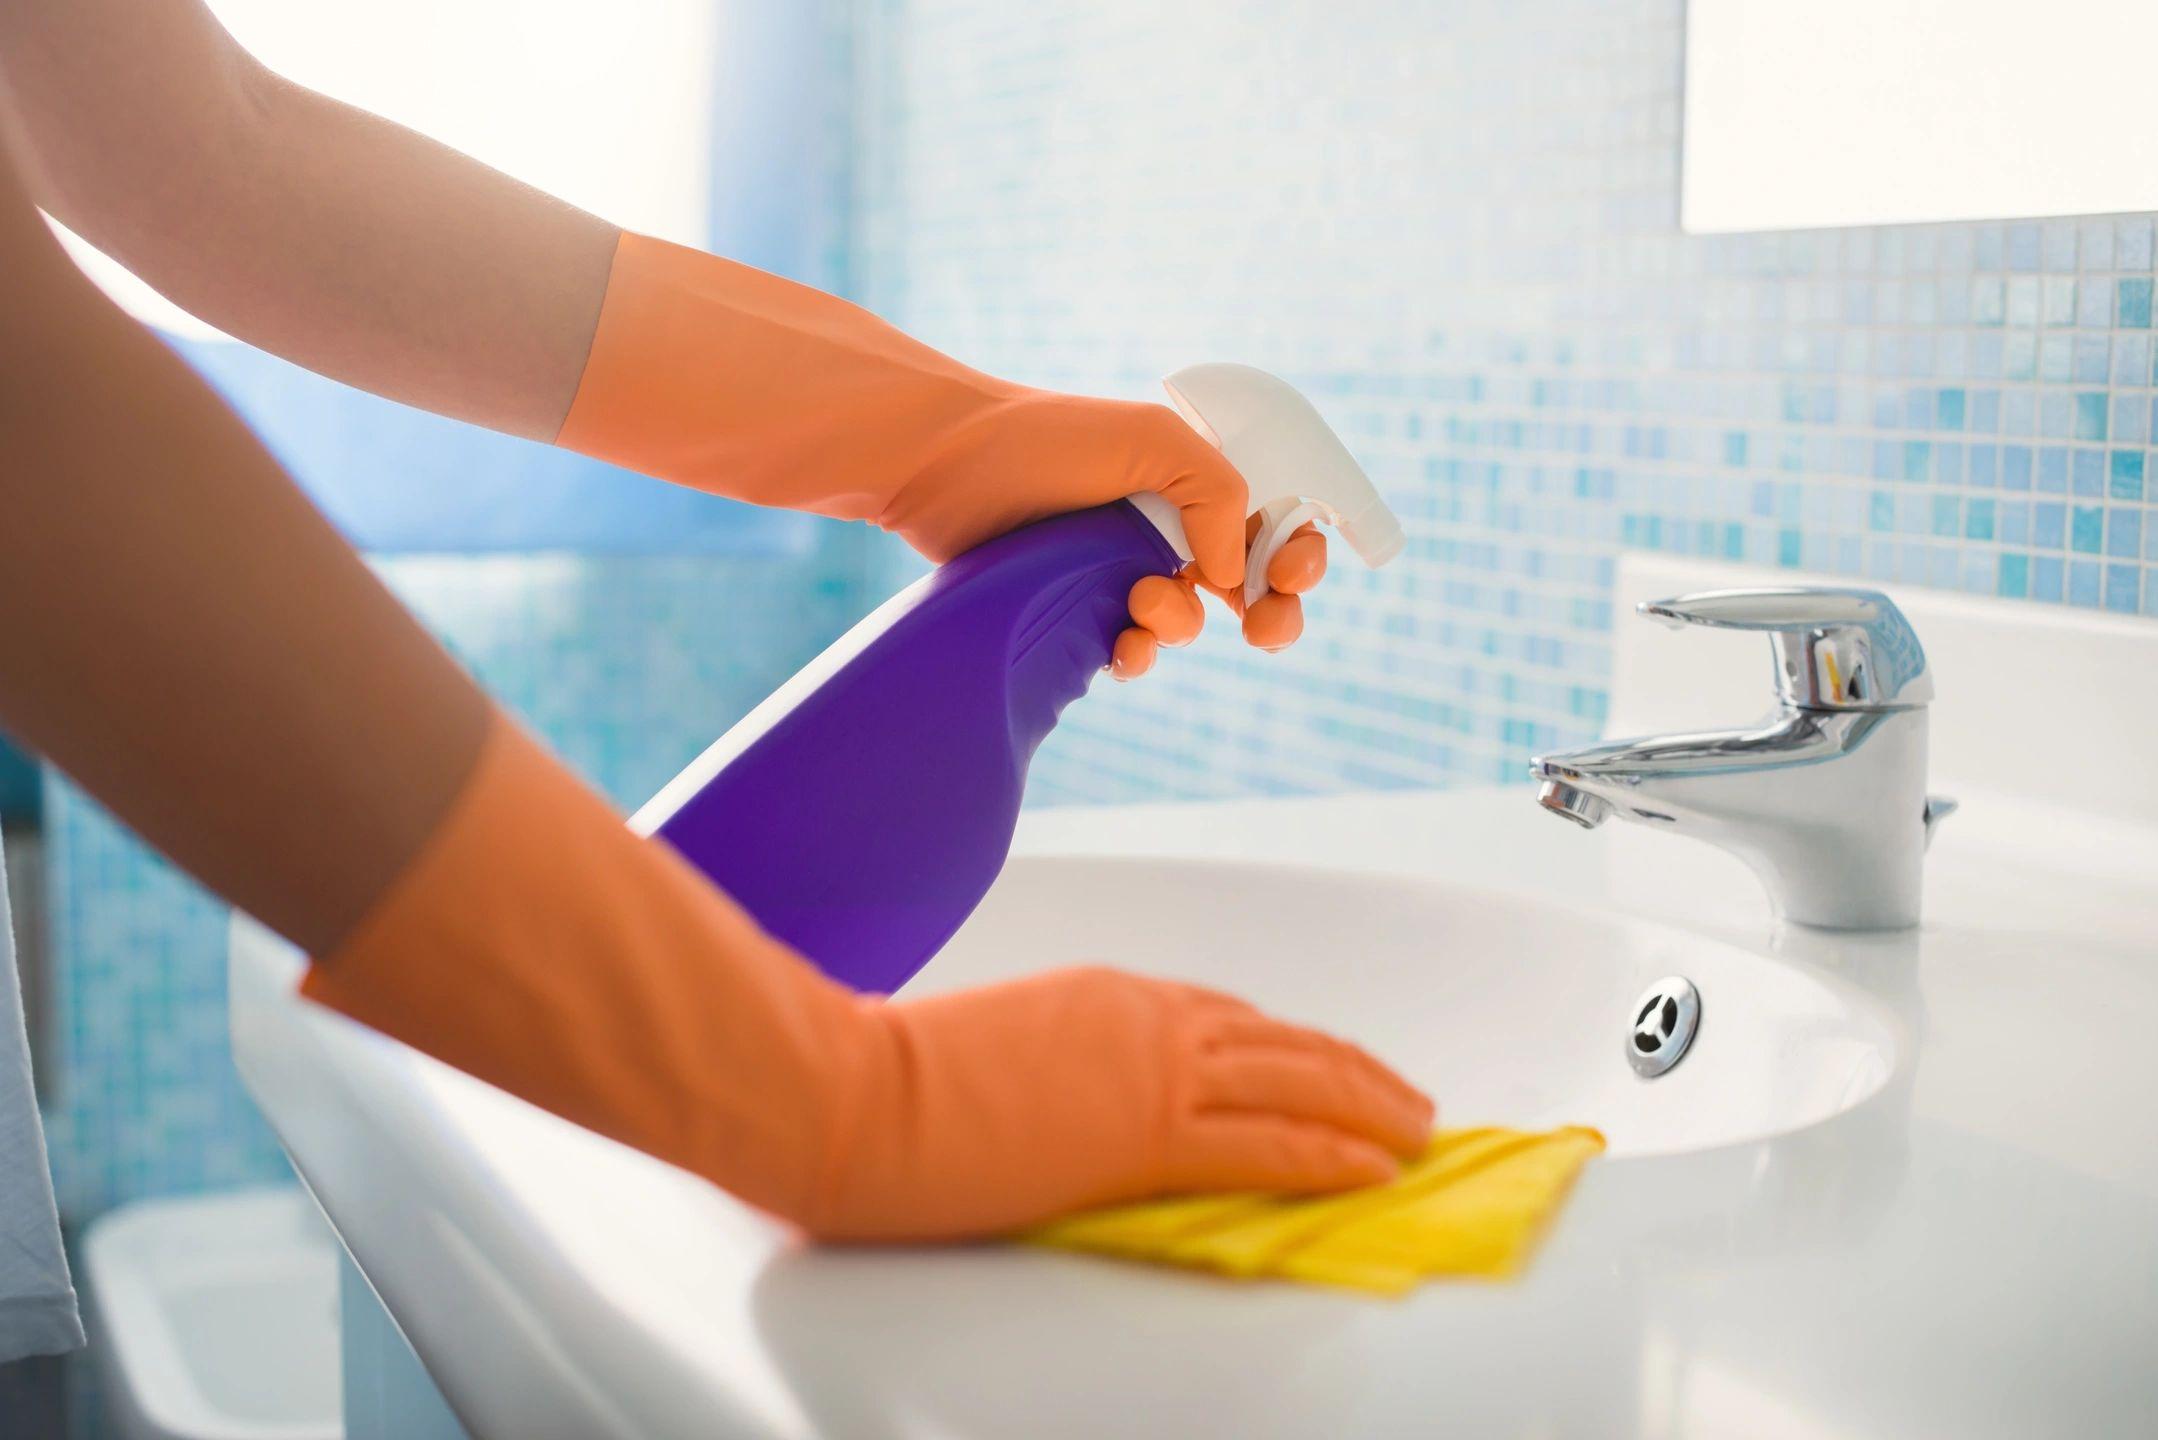 La limpieza es la mejor forma para prevenir el Coronavirus en casa